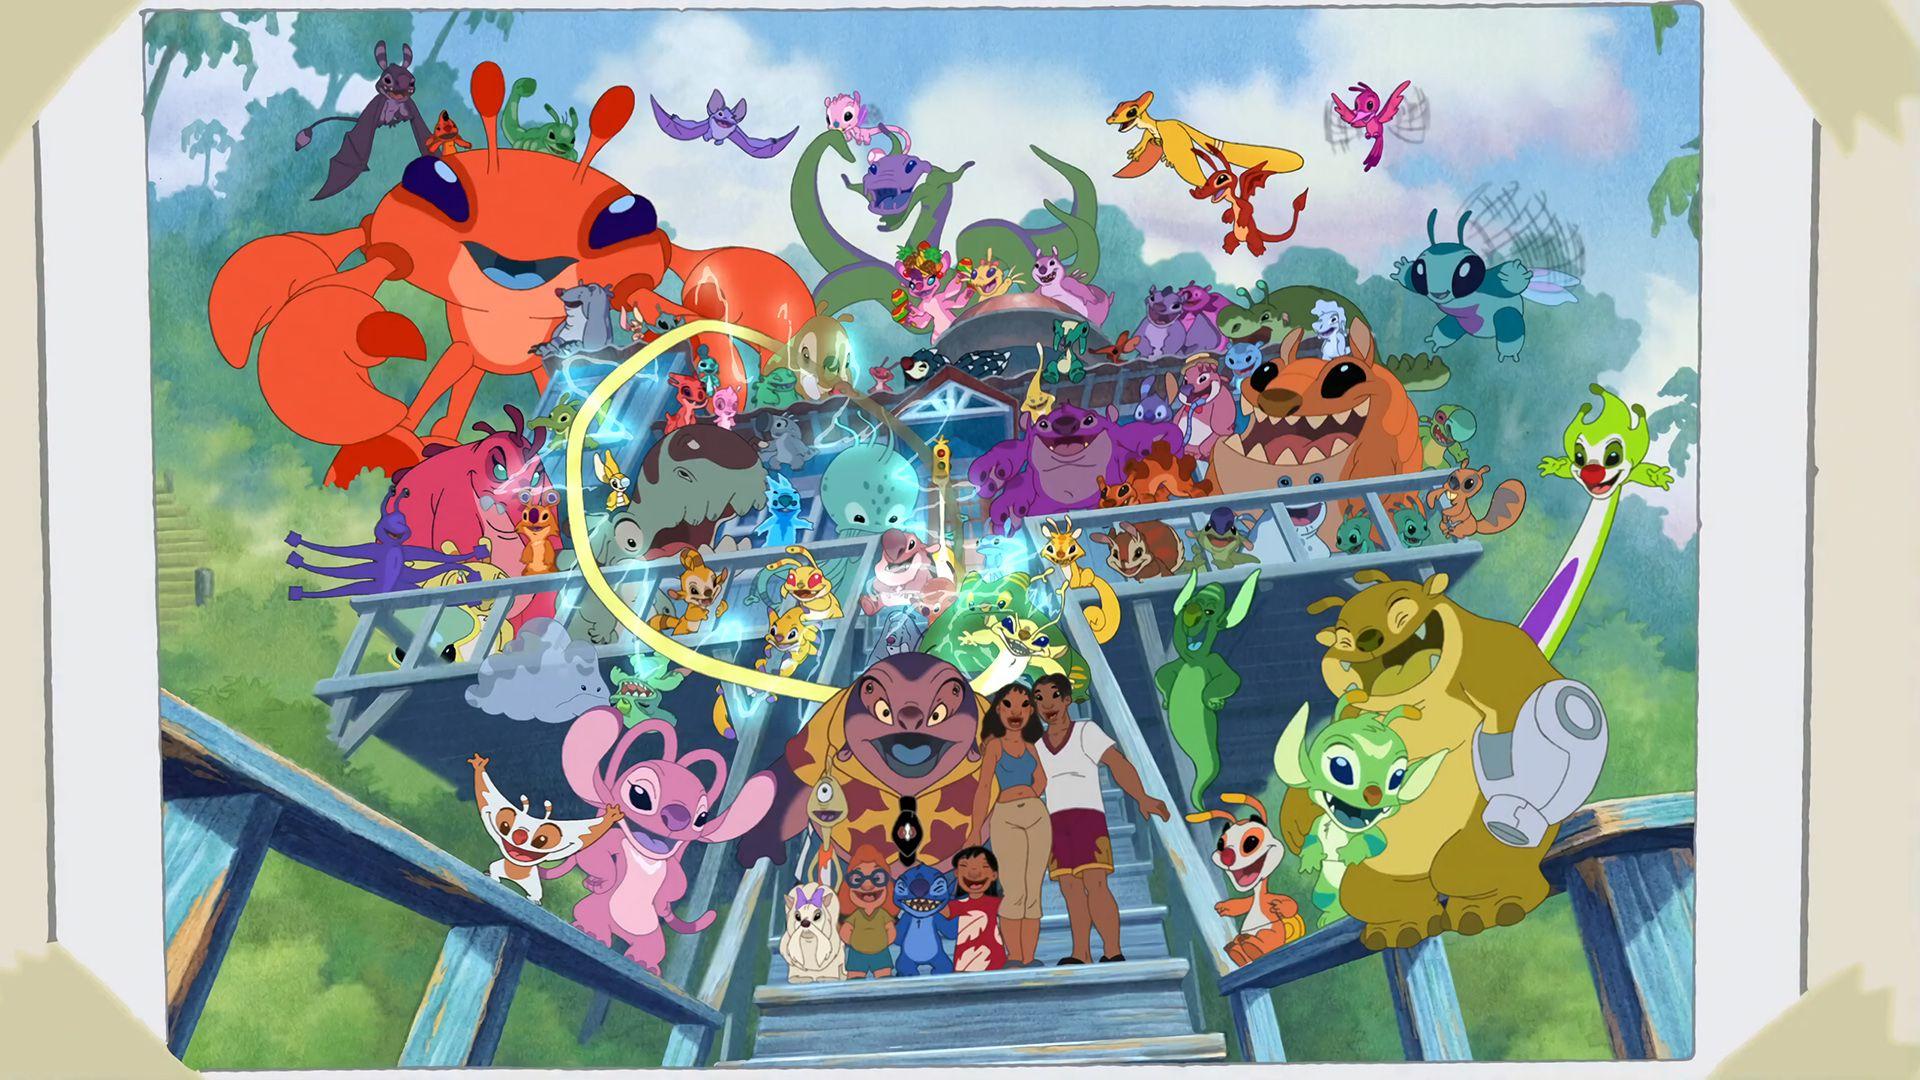 Lilo Stitch The Series Image Lilo And Stitch Characters Lilo And Stitch Lilo And Stitch Series